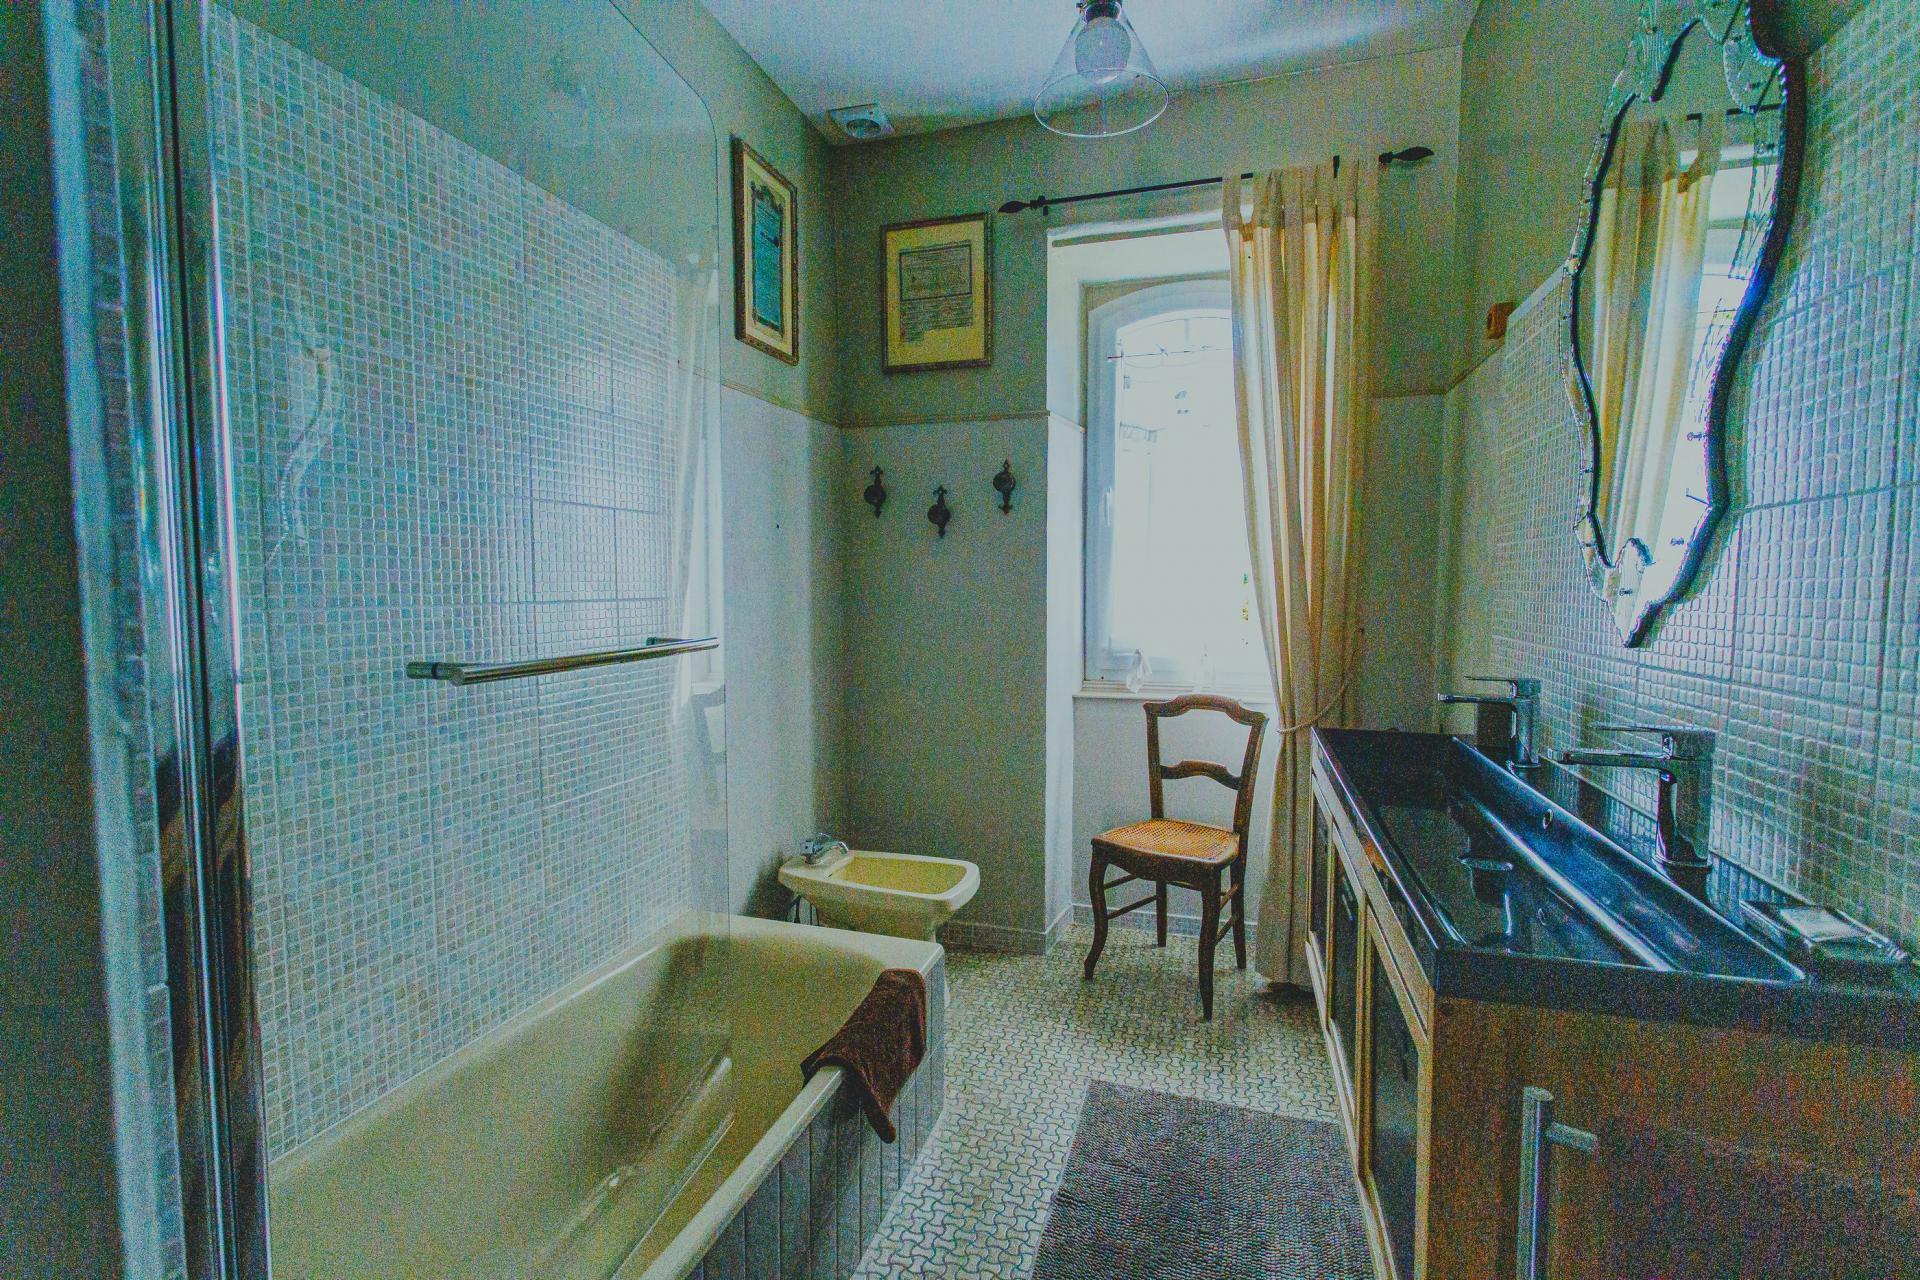 Antoinette's bathroom